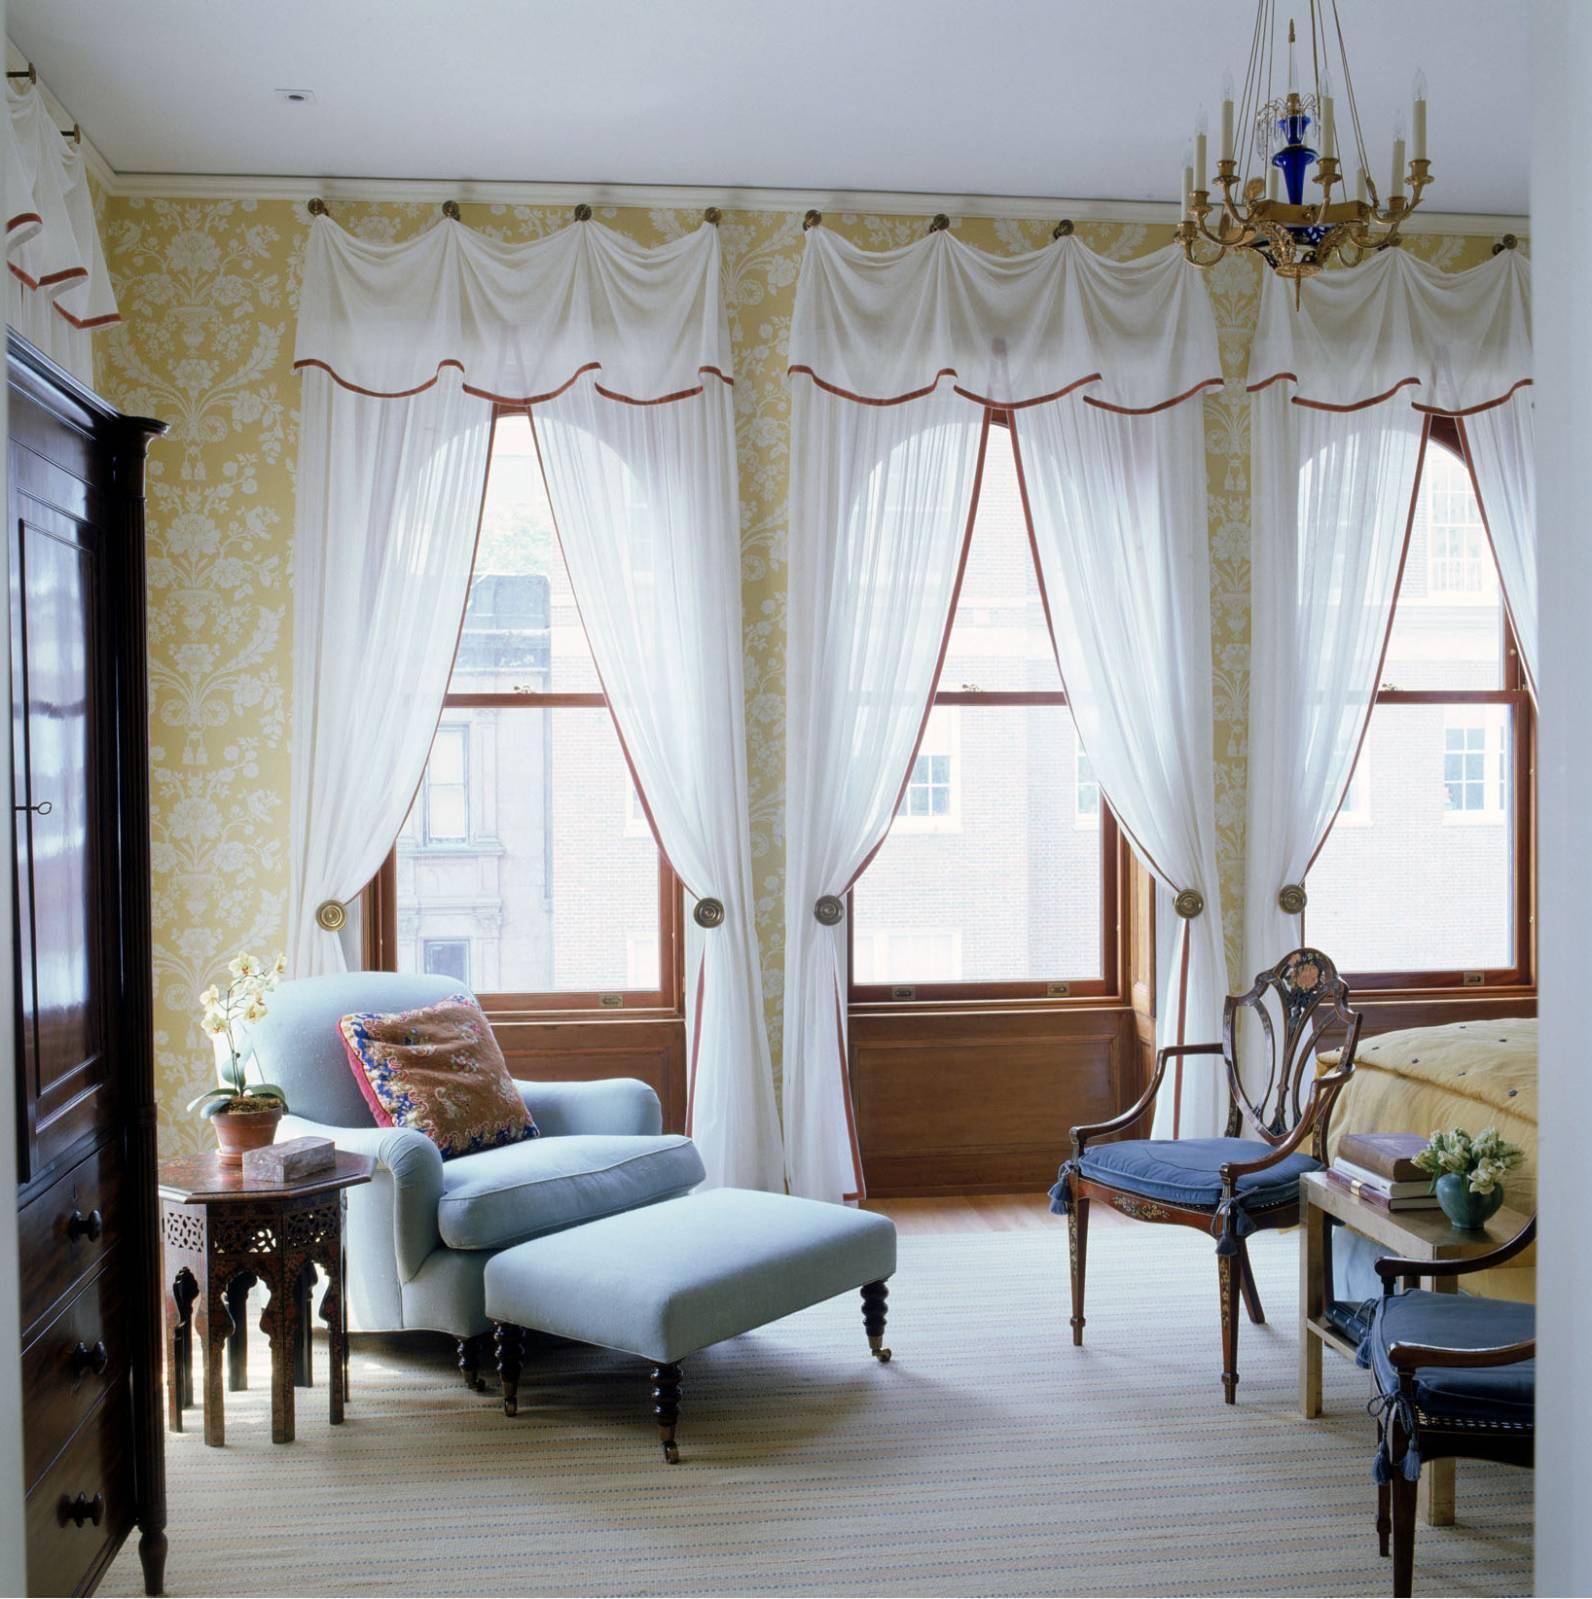 Ламбрекены для спальни фото дизайн 2016-2017 года